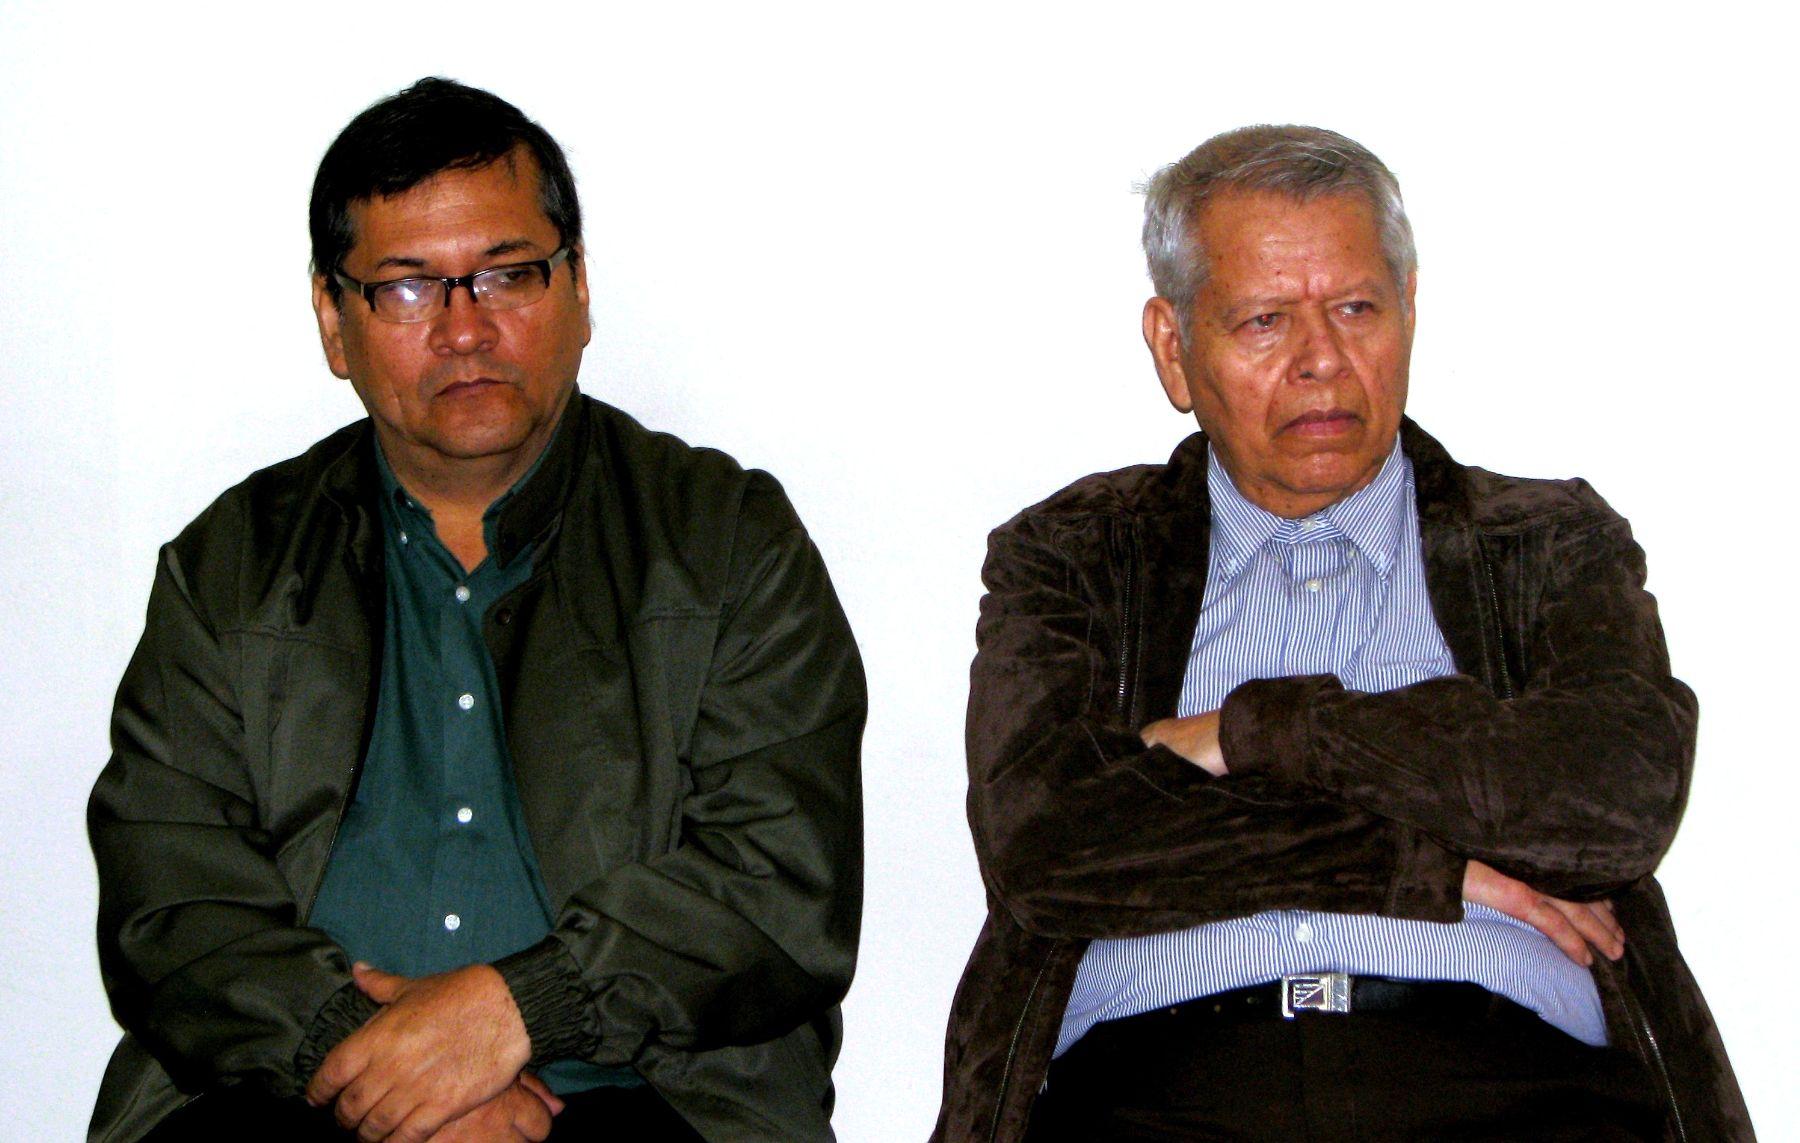 Soilo Ramírez y Luis Valdez Villacorta procesados por la muerte del periodista Alberto Rivera Fernández. Foto: ANDINA/ Corte de Lima.